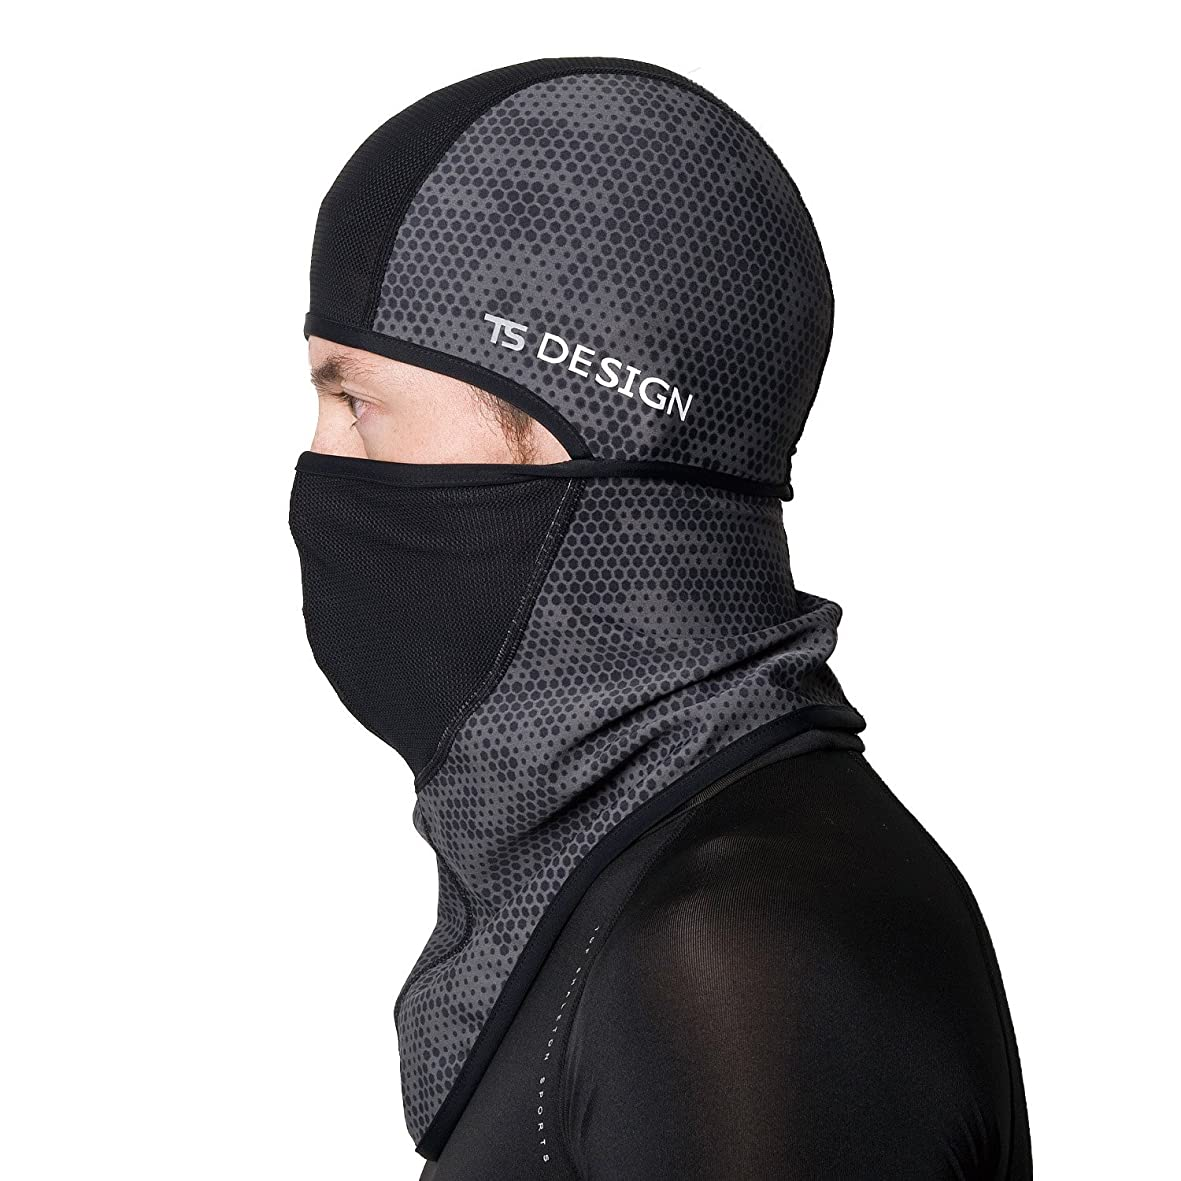 メナジェリー予備コスチュームTS DESIGN バラクラバアイスマスク  84119 ハニカム フリー